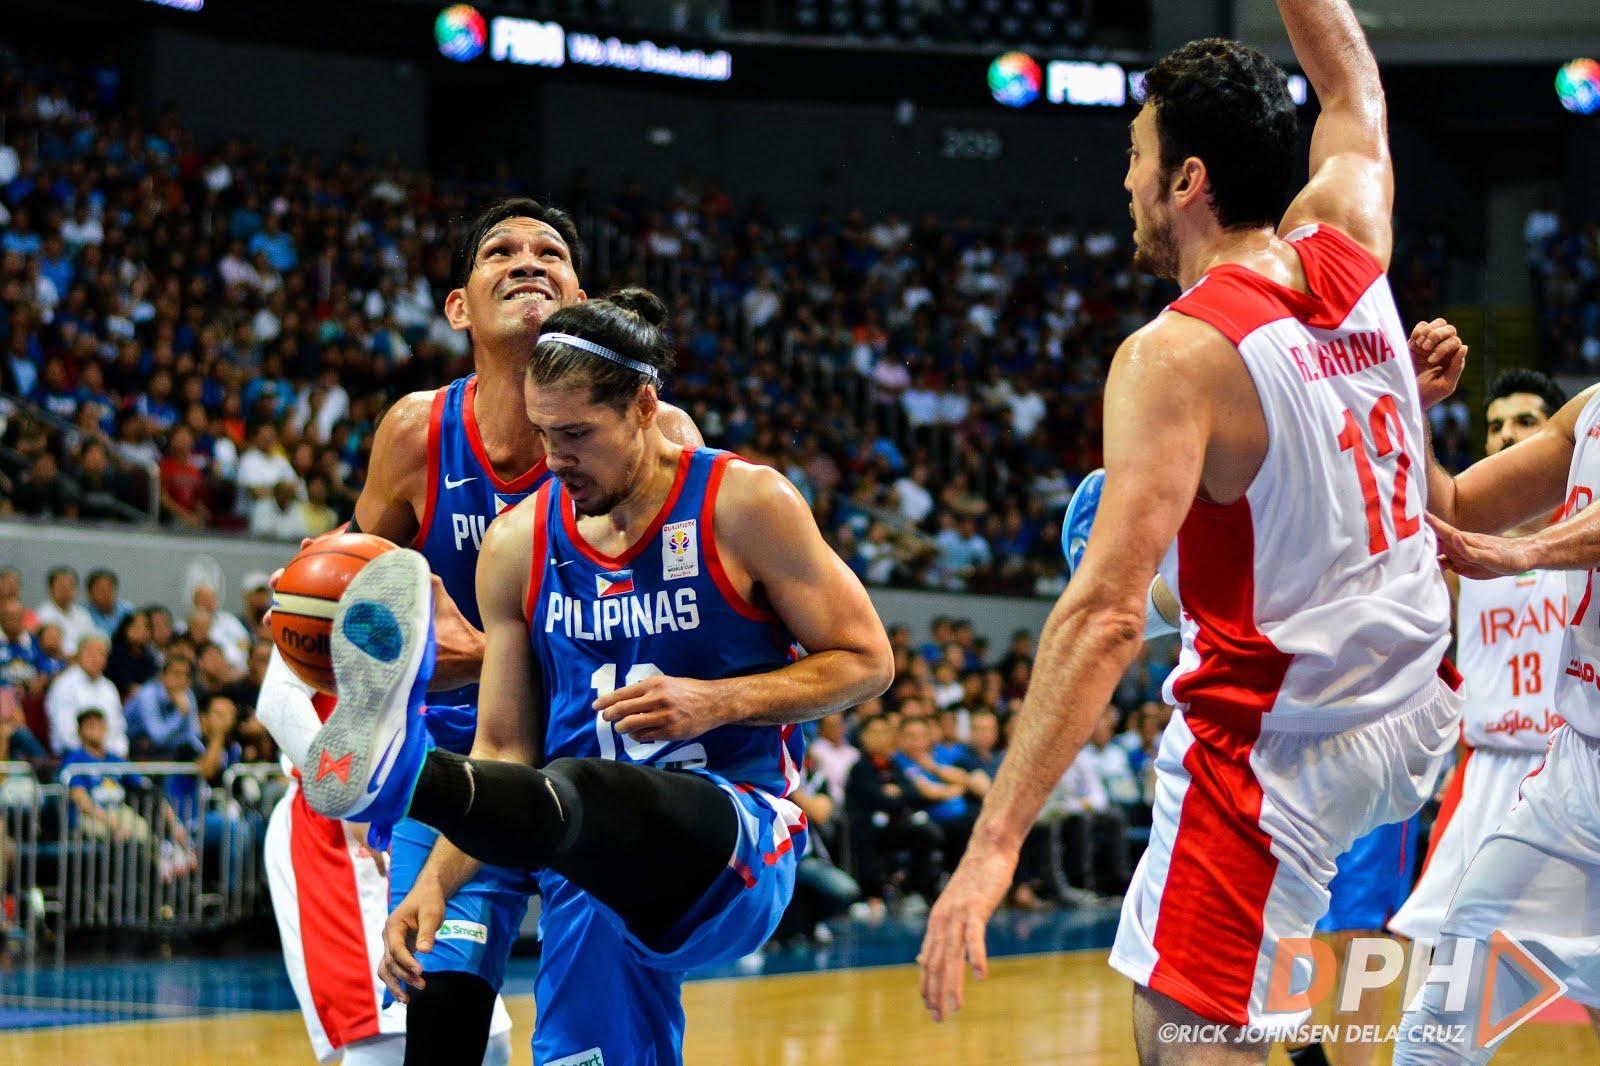 Philippines hòa trận giao hữu đầu tiên trong quá trình chuẩn bị cho FIBA World Cup 2019